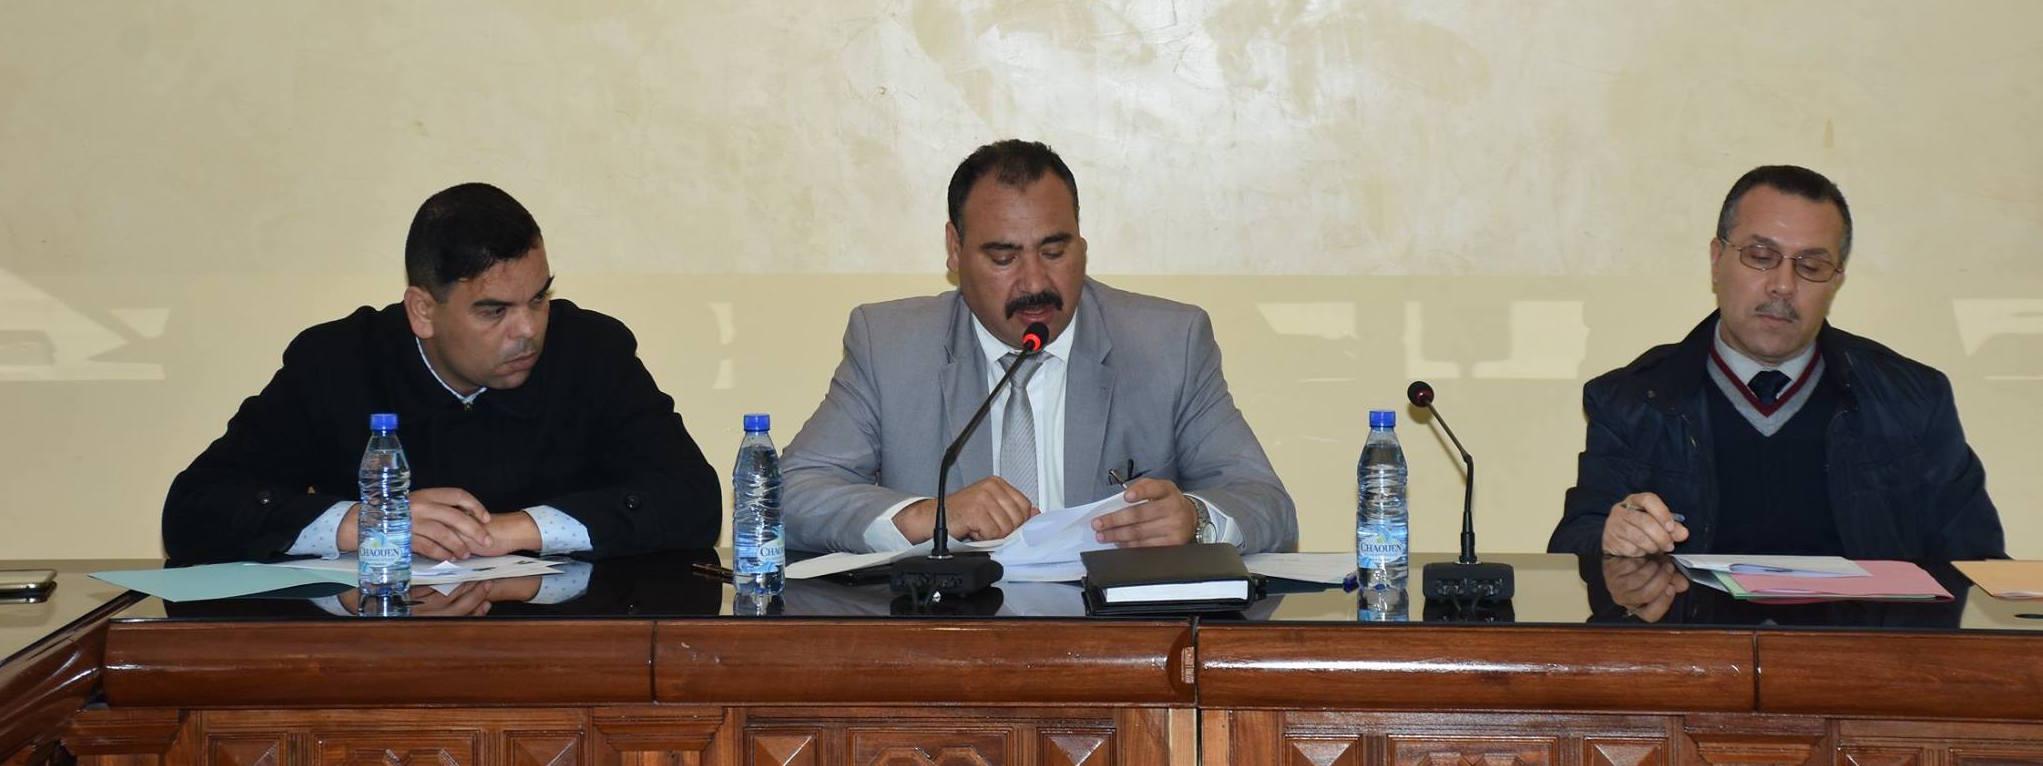 اجتماع لجنة التنمية القروية والفلاحة والنقل غير الحضري